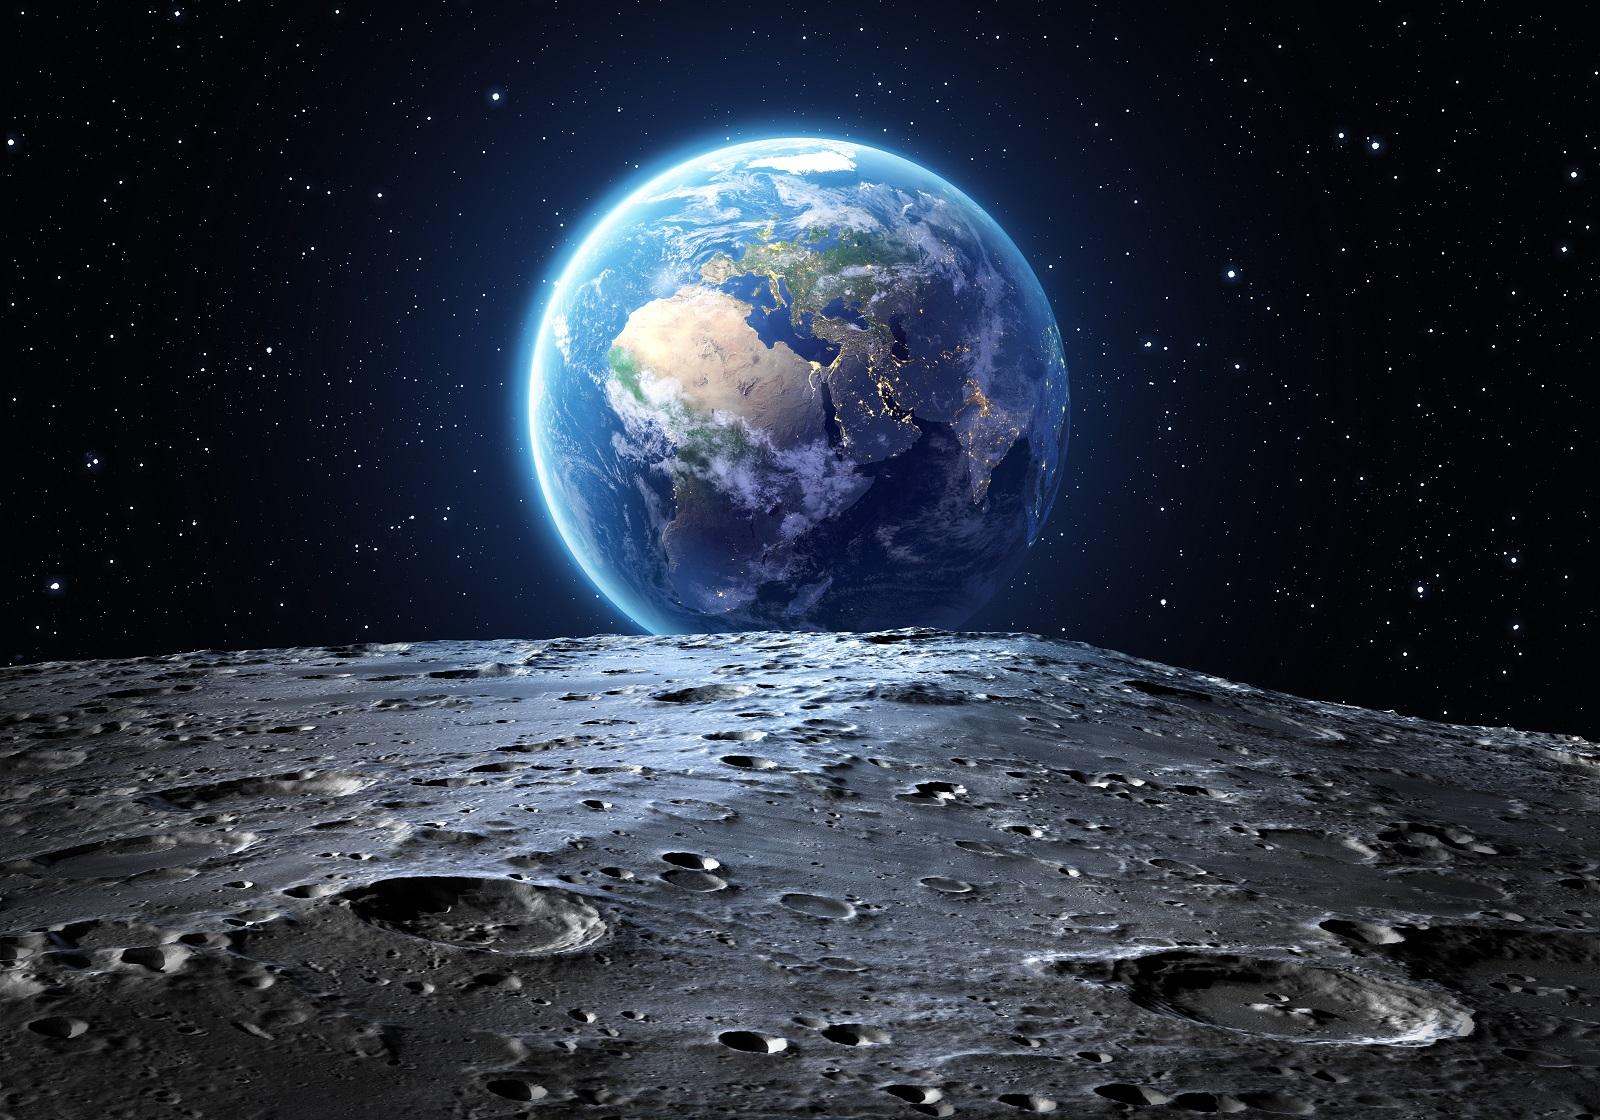 כדור הארץ כפי שנראה מפני הירח